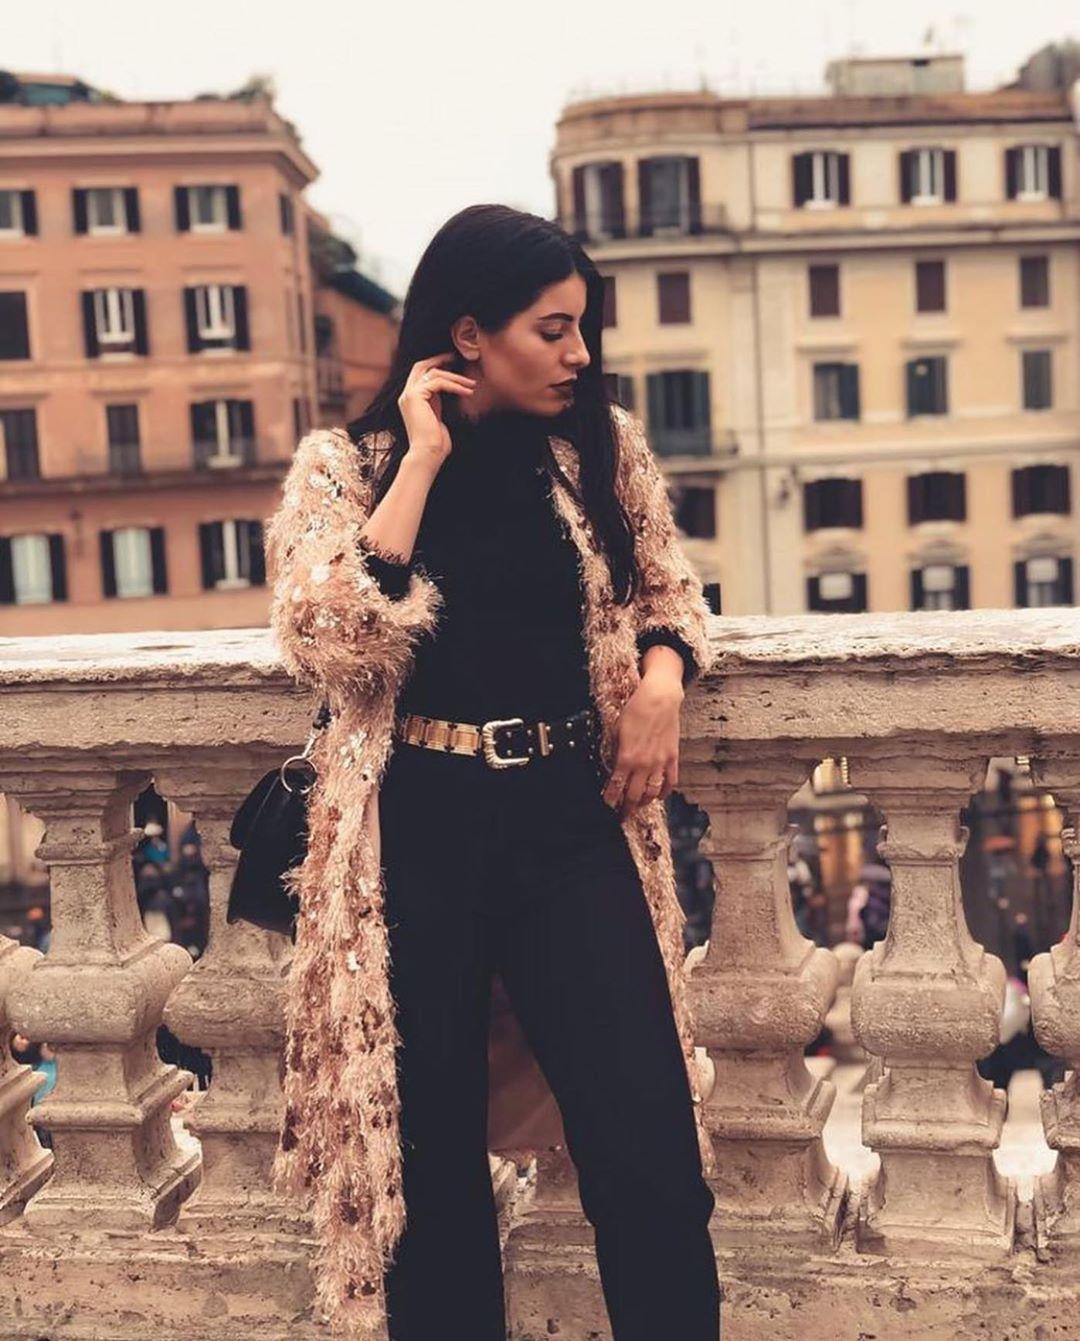 manteau fantaisie à paillettes de Zara sur zara.outfits